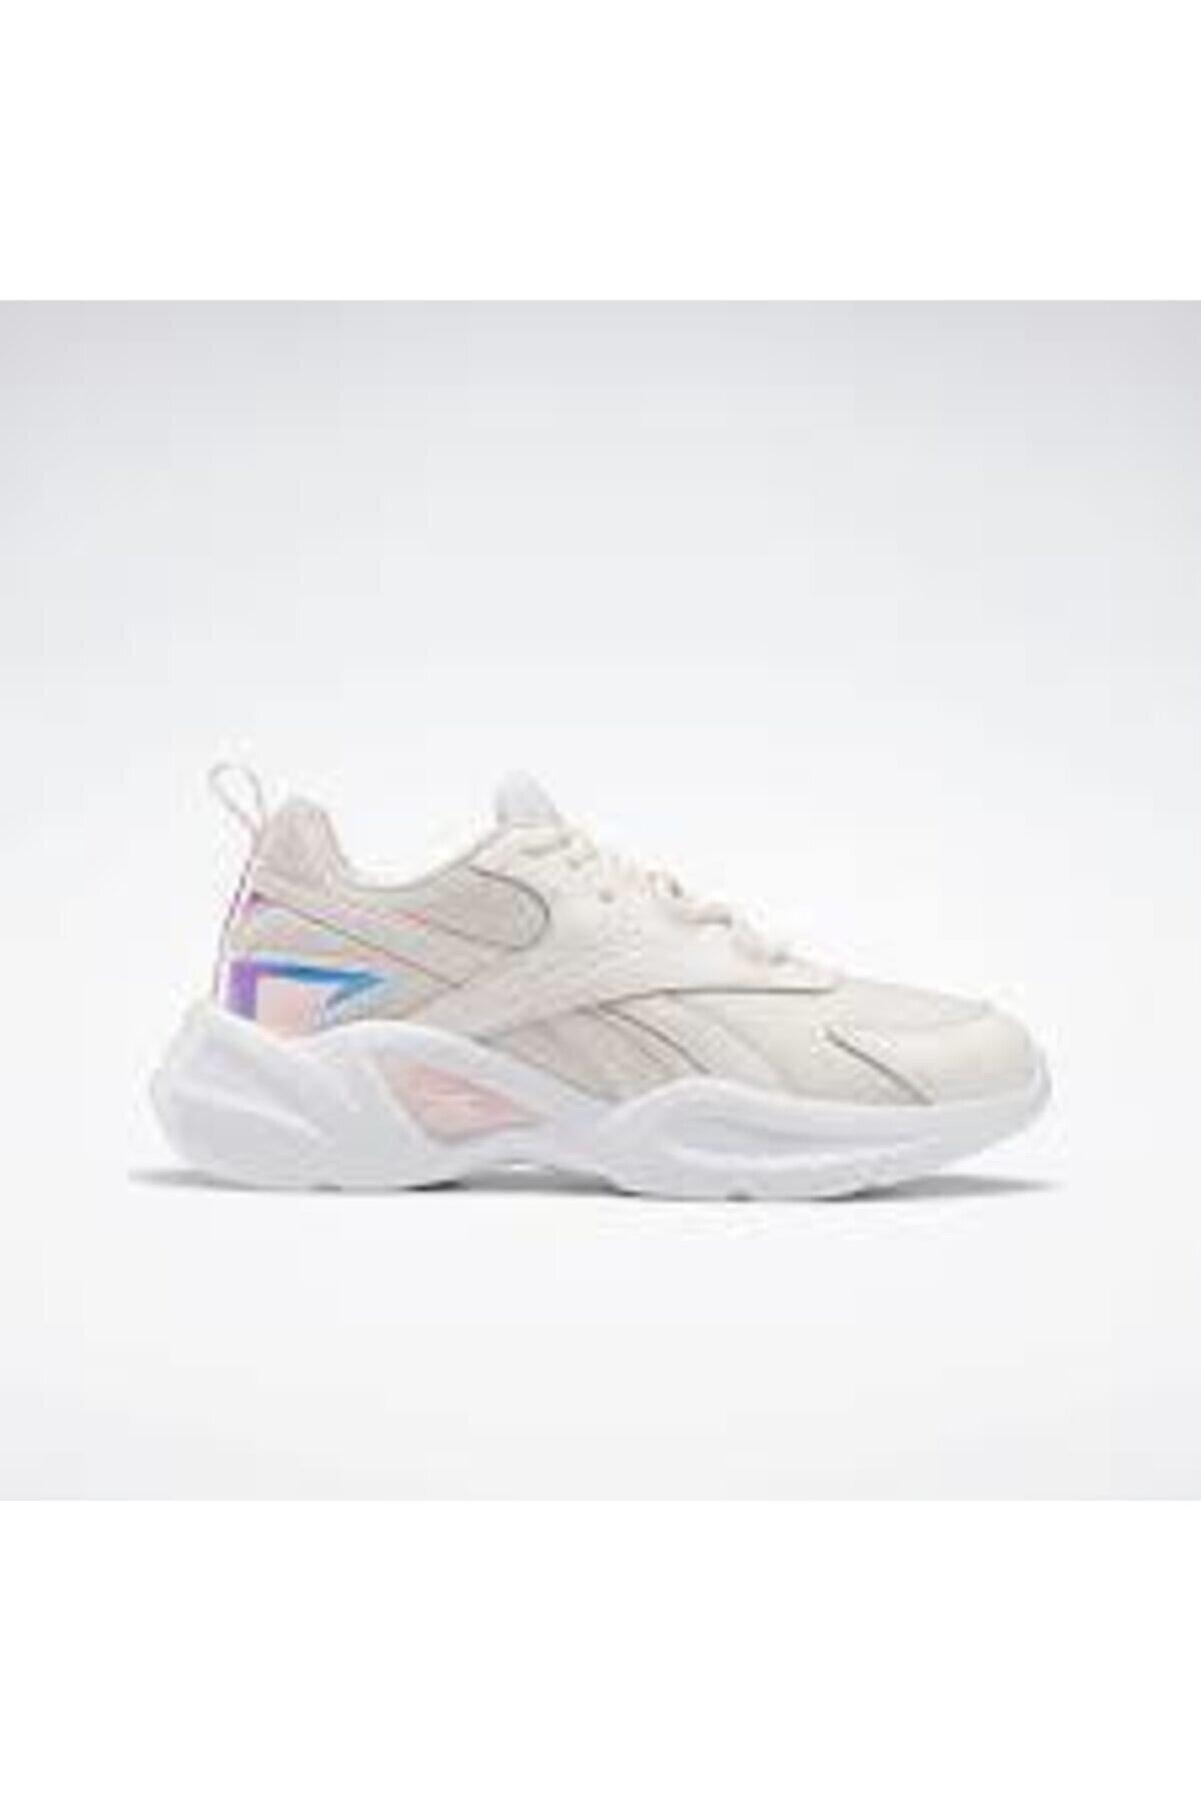 Reebok ROYAL EC RIDE 4 Pudra Kadın Sneaker Ayakkabı 100664197